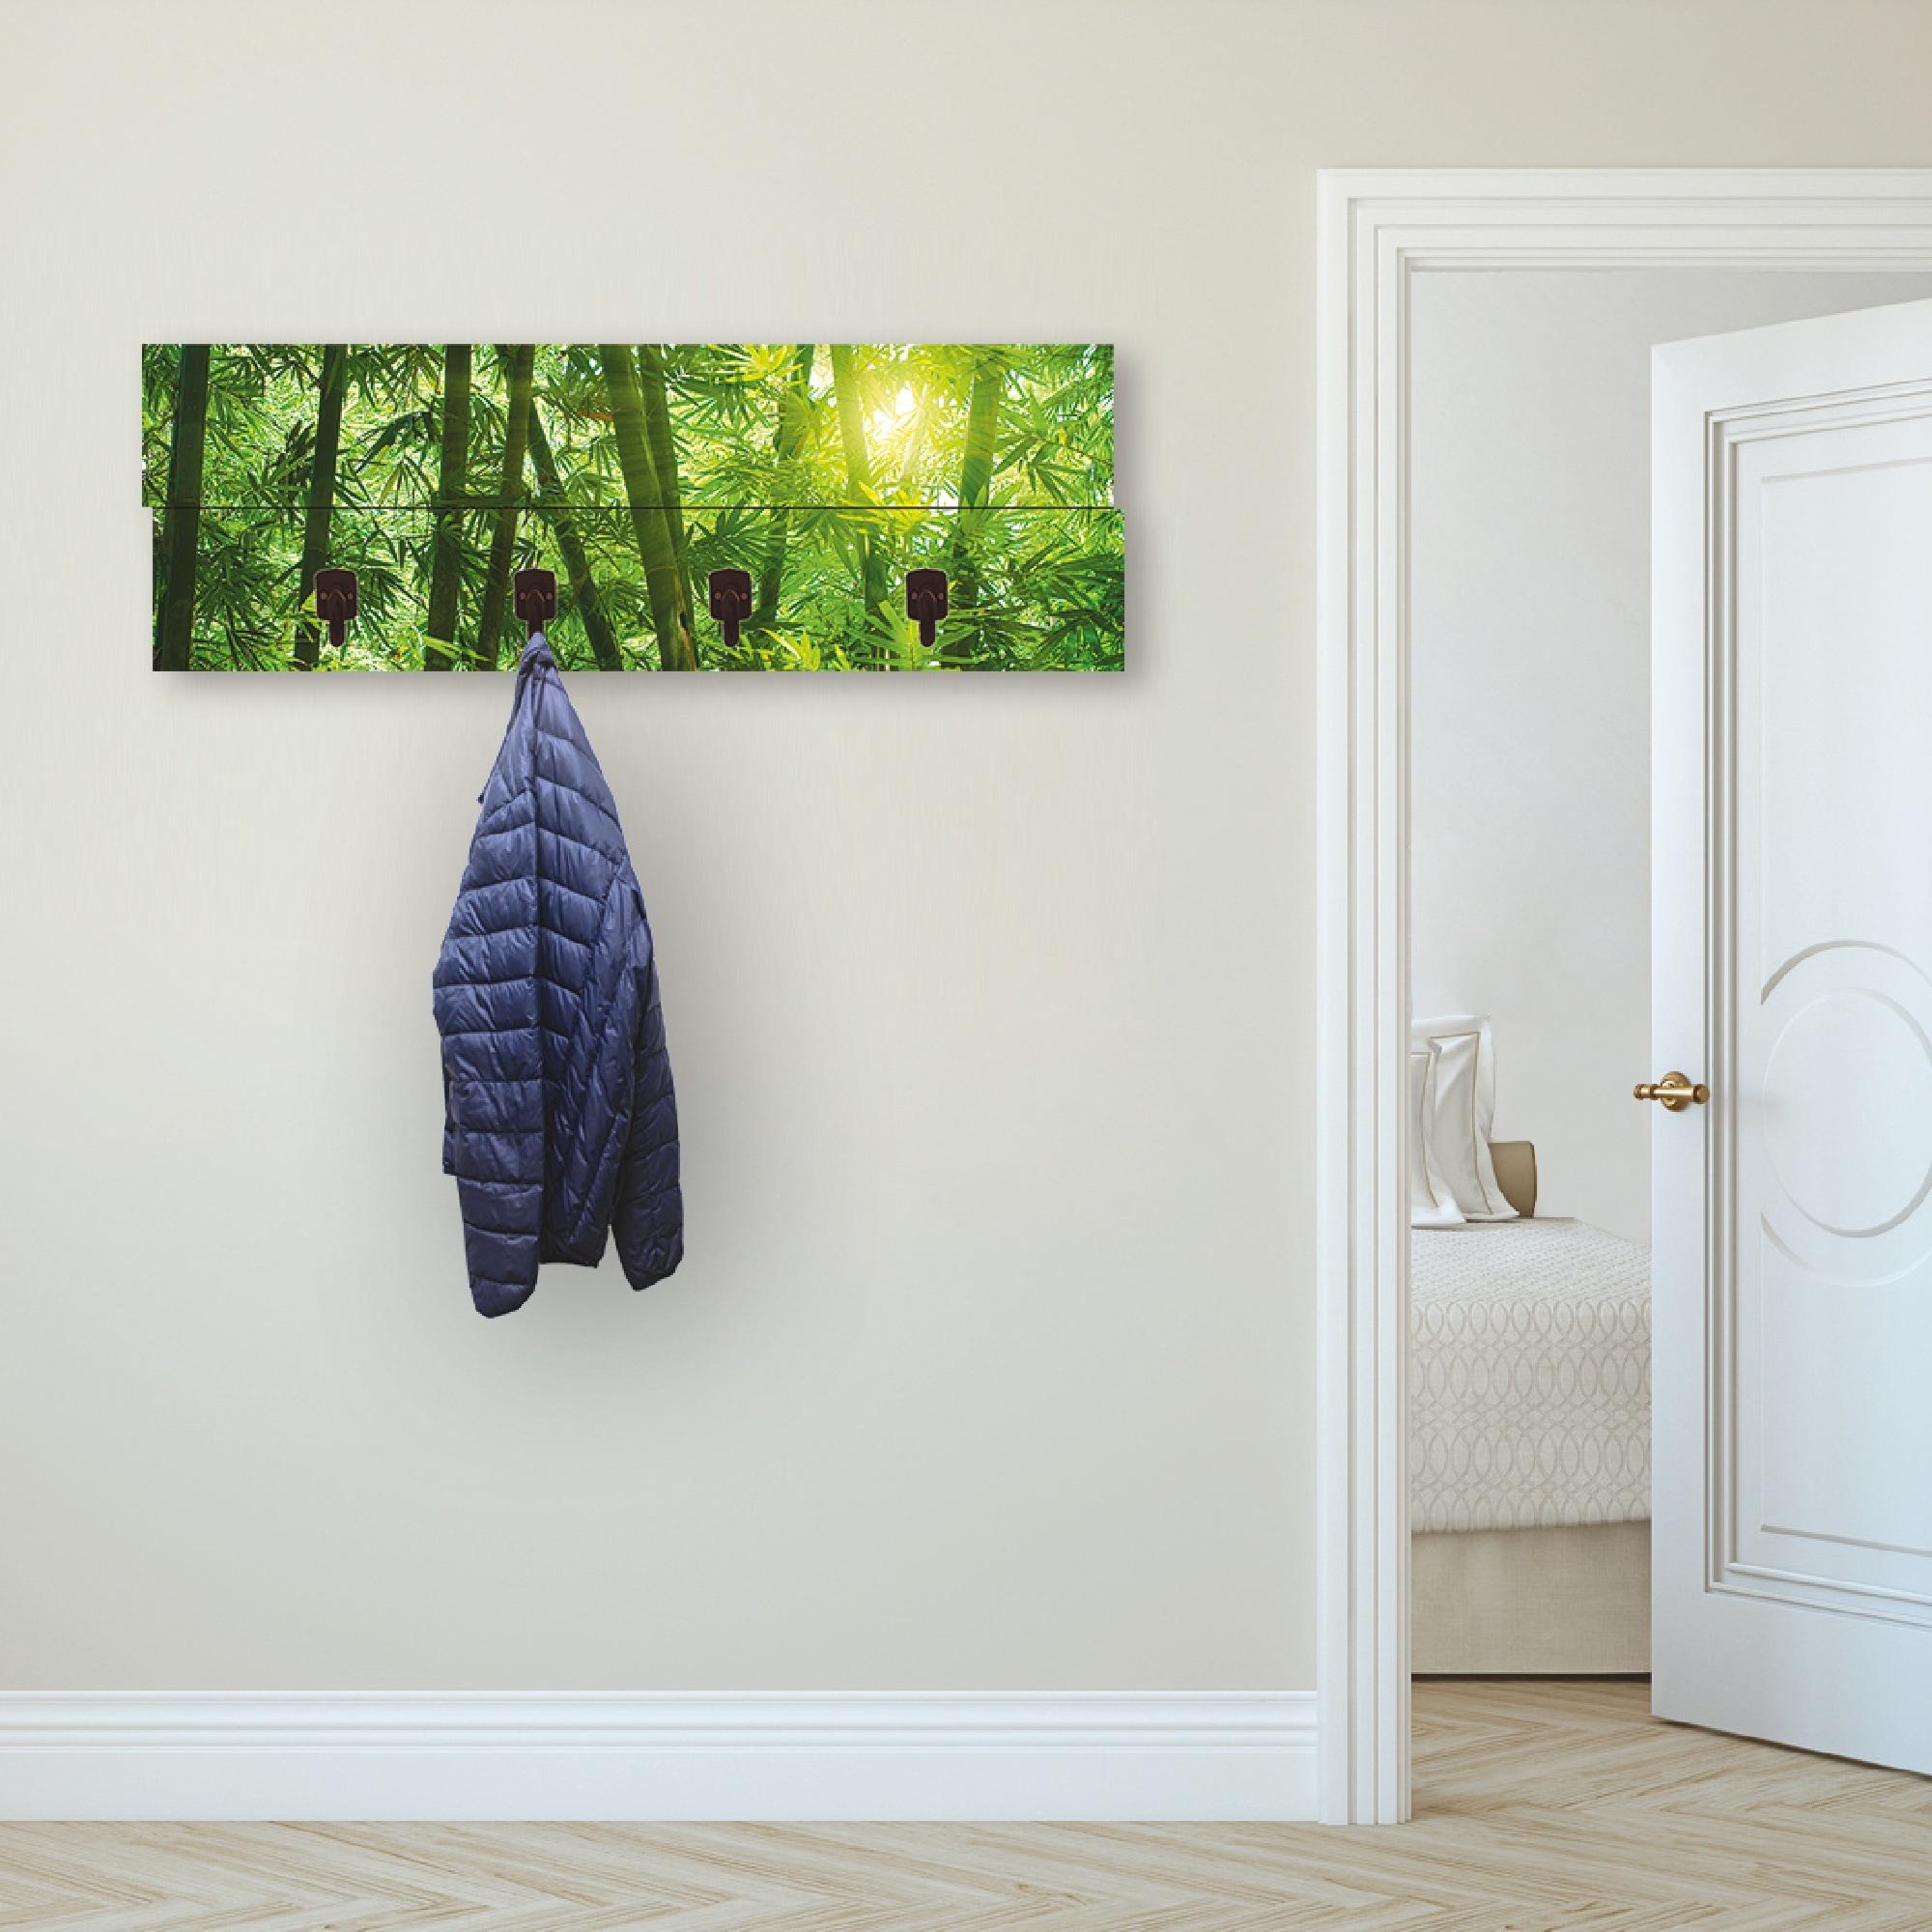 Image of Artland Garderobenpaneel »Asiatischer Bambuswald«, Garderobe mit 4 Haken